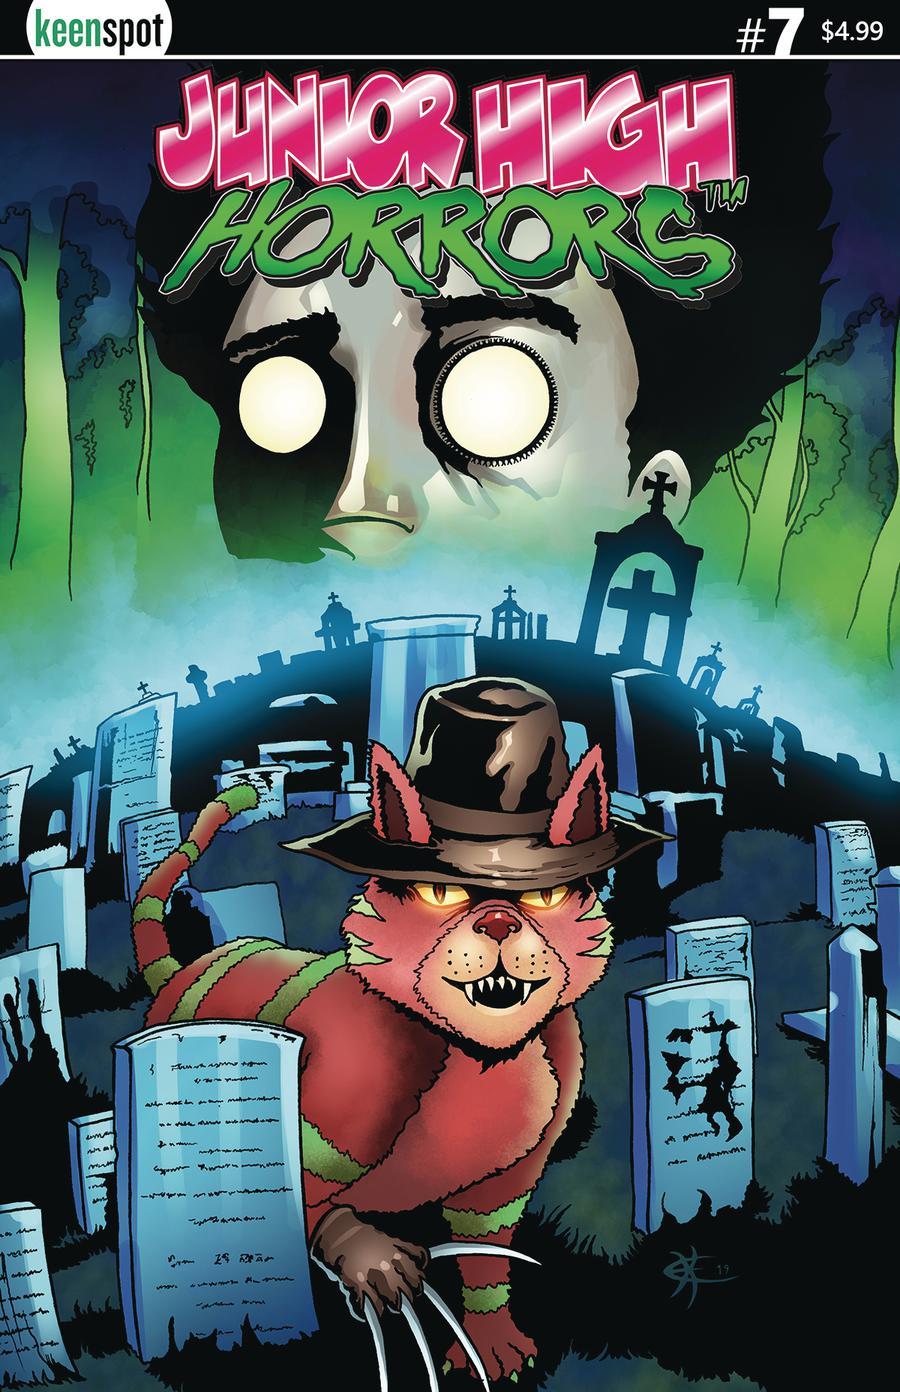 Junior High Horrors #7 Cover A Regular Pet Semetary Parody Cover